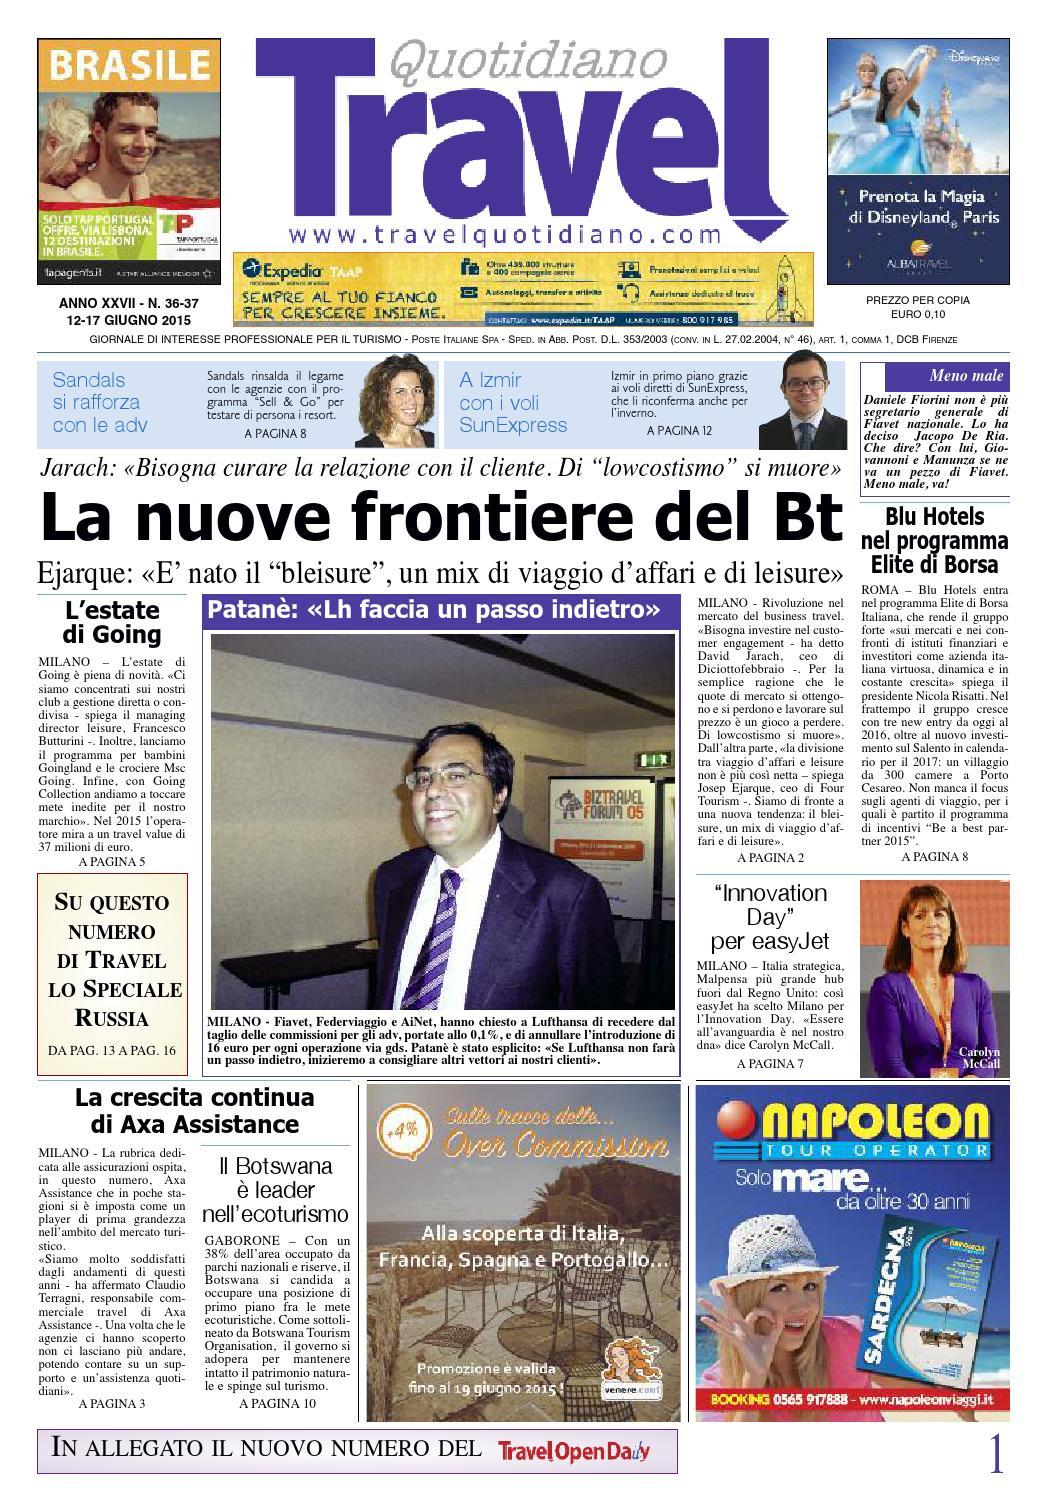 travel-quotidiano-12-17-giugno-2015 by TravelQuotidiano.com - issuu a121ca61384